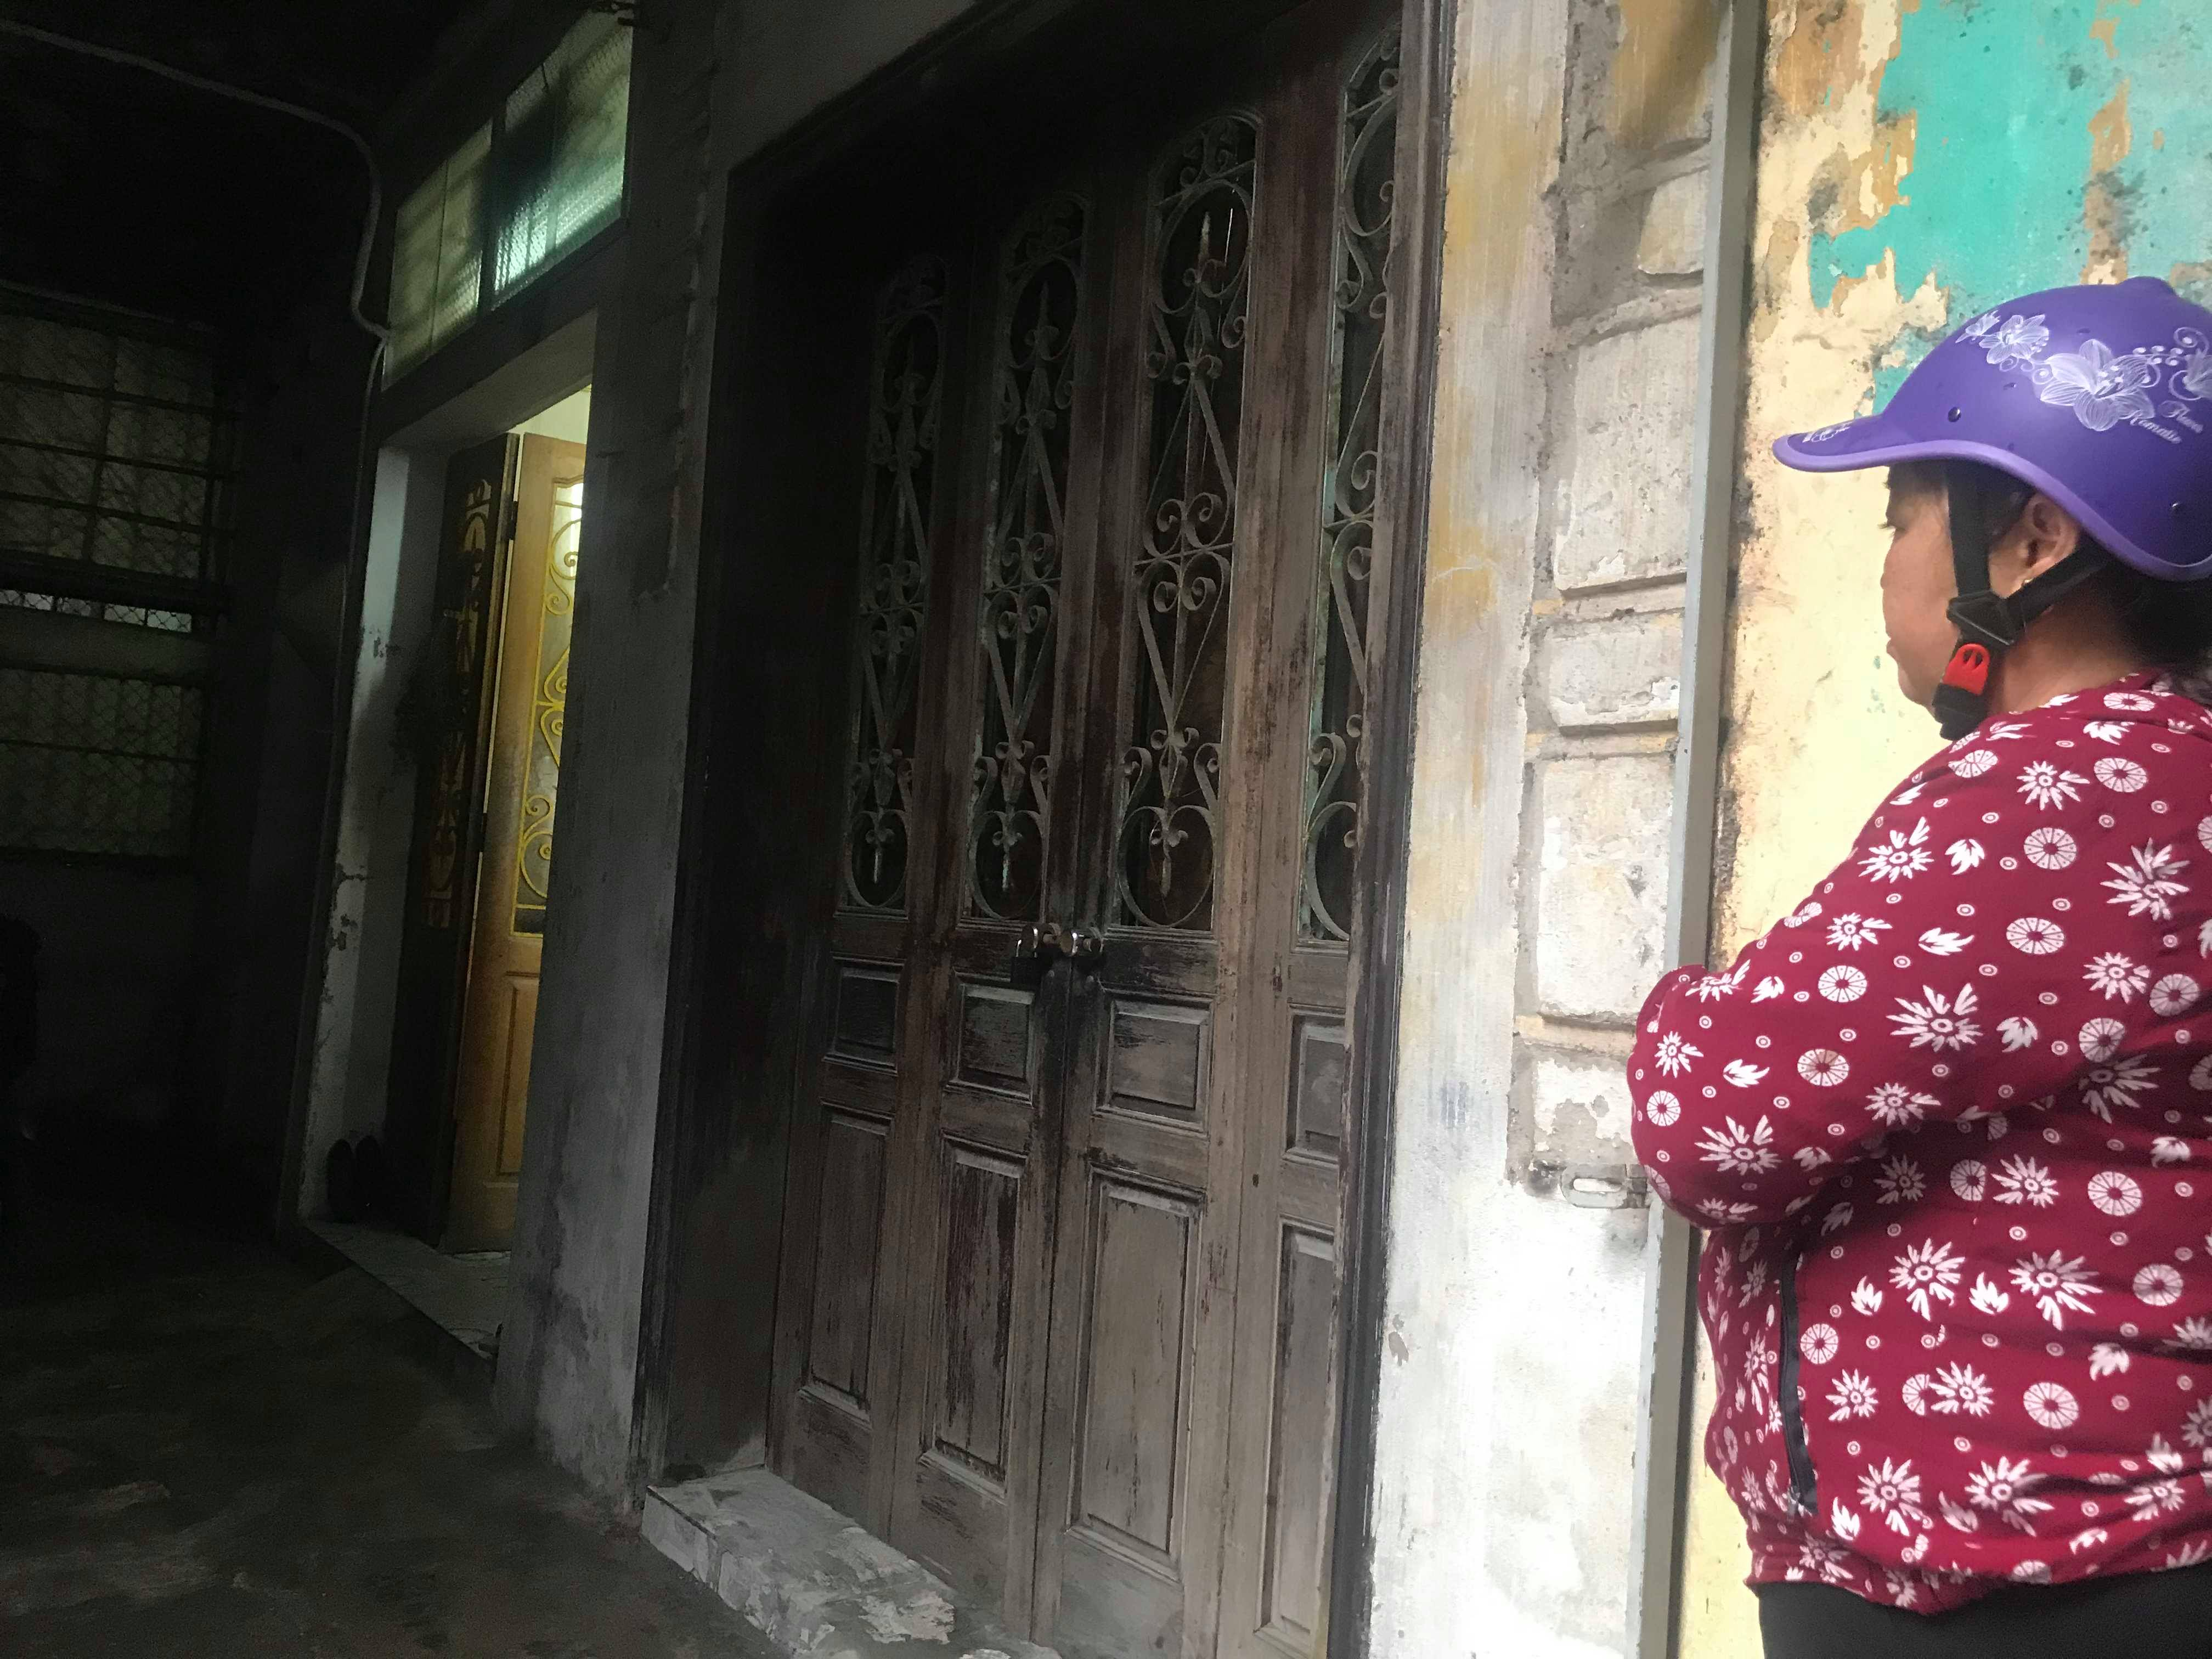 Ngôi nhà xảy ra thảm án ở phóa trong, còn căn phía ngoài đóng cửa là nhà của đối tượng Ba thuê ở